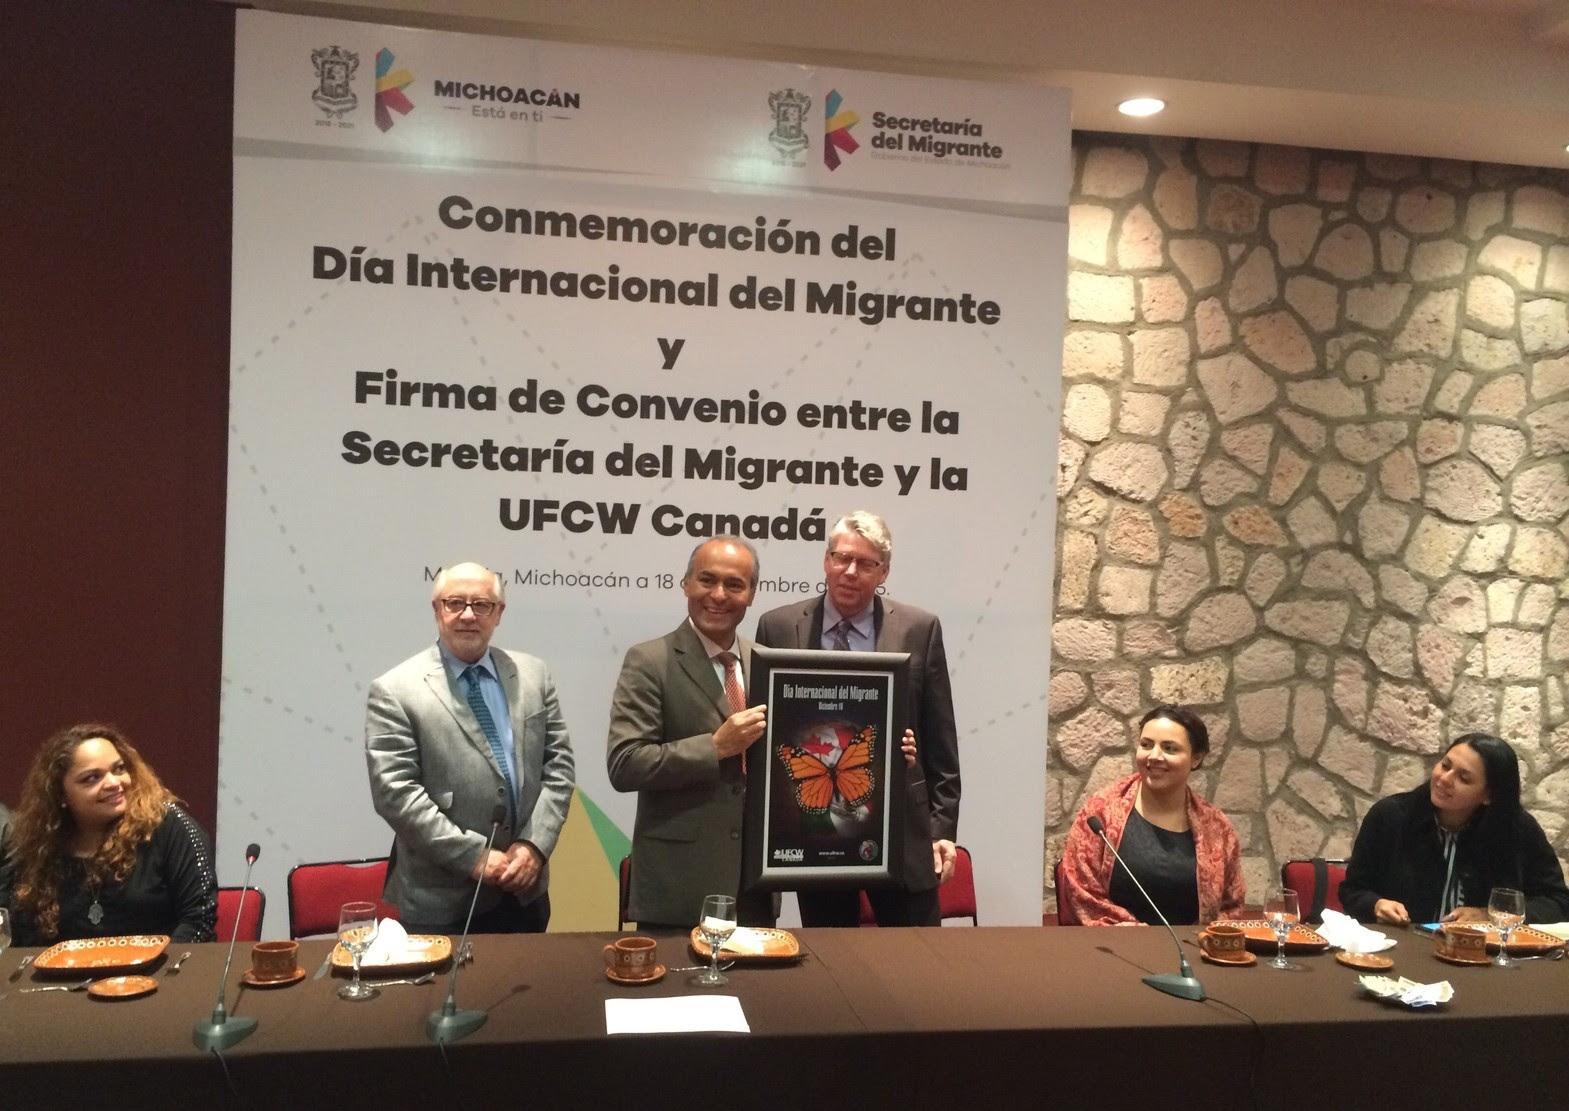 Firman Convenio Semigrante y UFCW Canadá en el Marco del Día Internacional del Migrante